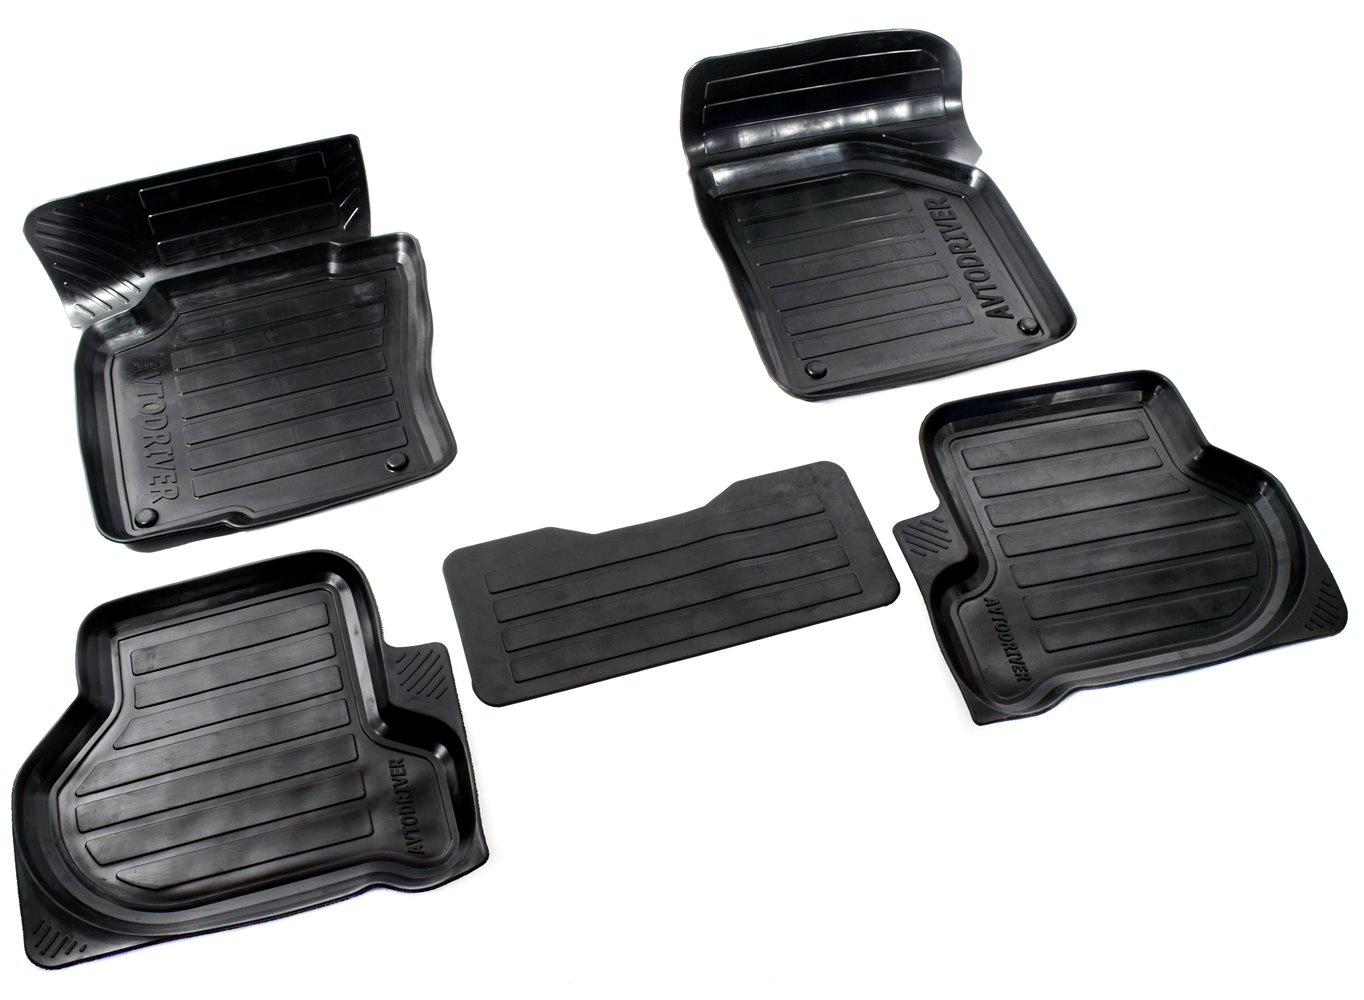 цена на Коврики в салон автомобиля Avtodriver, для Volkswagen Passat В6, 2005-2010, ADRPRO228, резиновые, с бортиком, черный